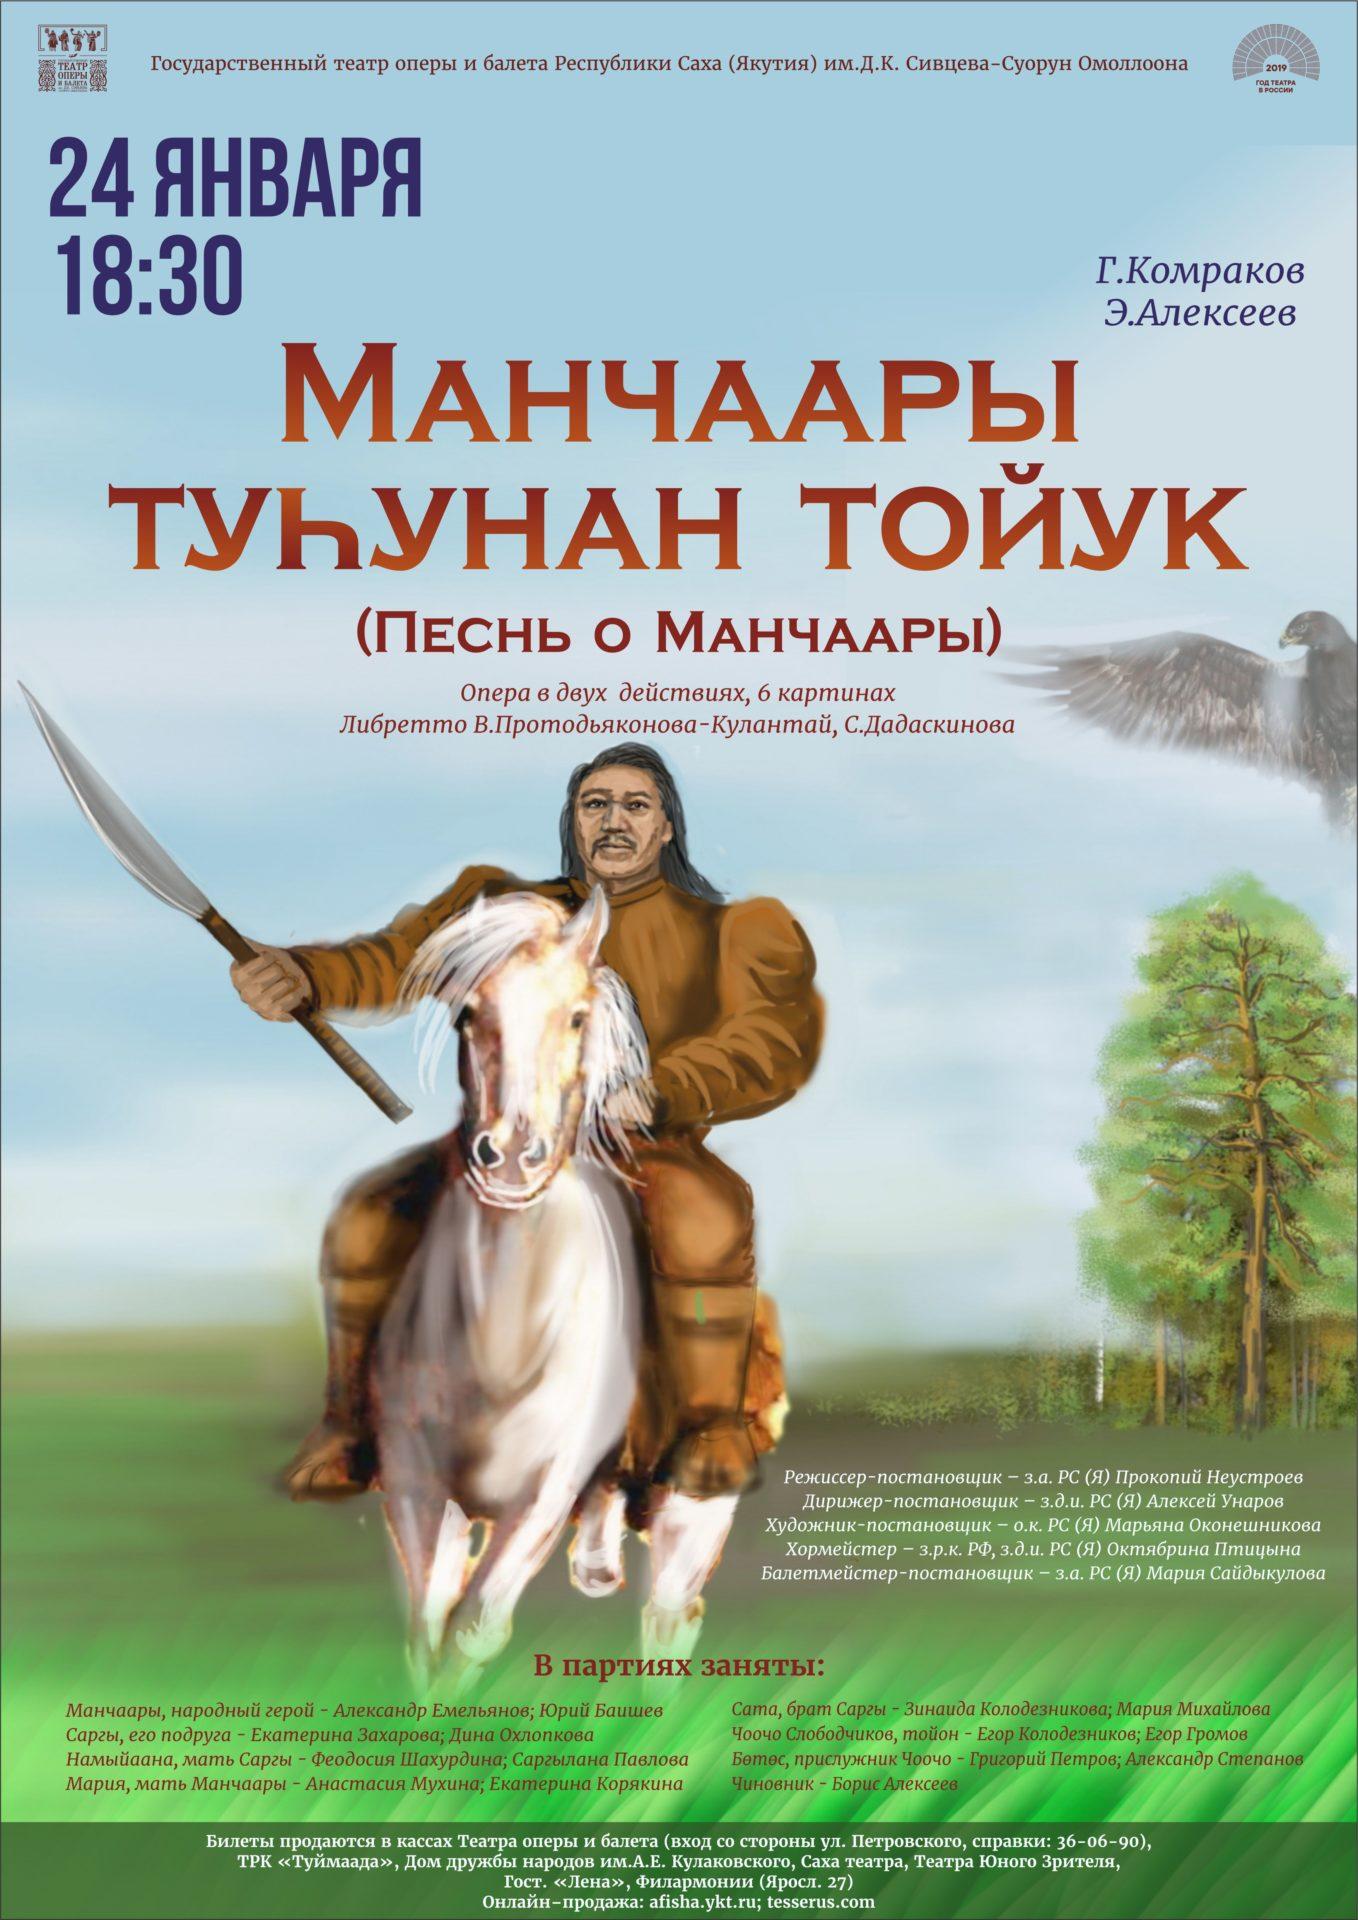 Уже завтра в ГТОиБ состоится показ спектакля «Песнь о Манчаары»